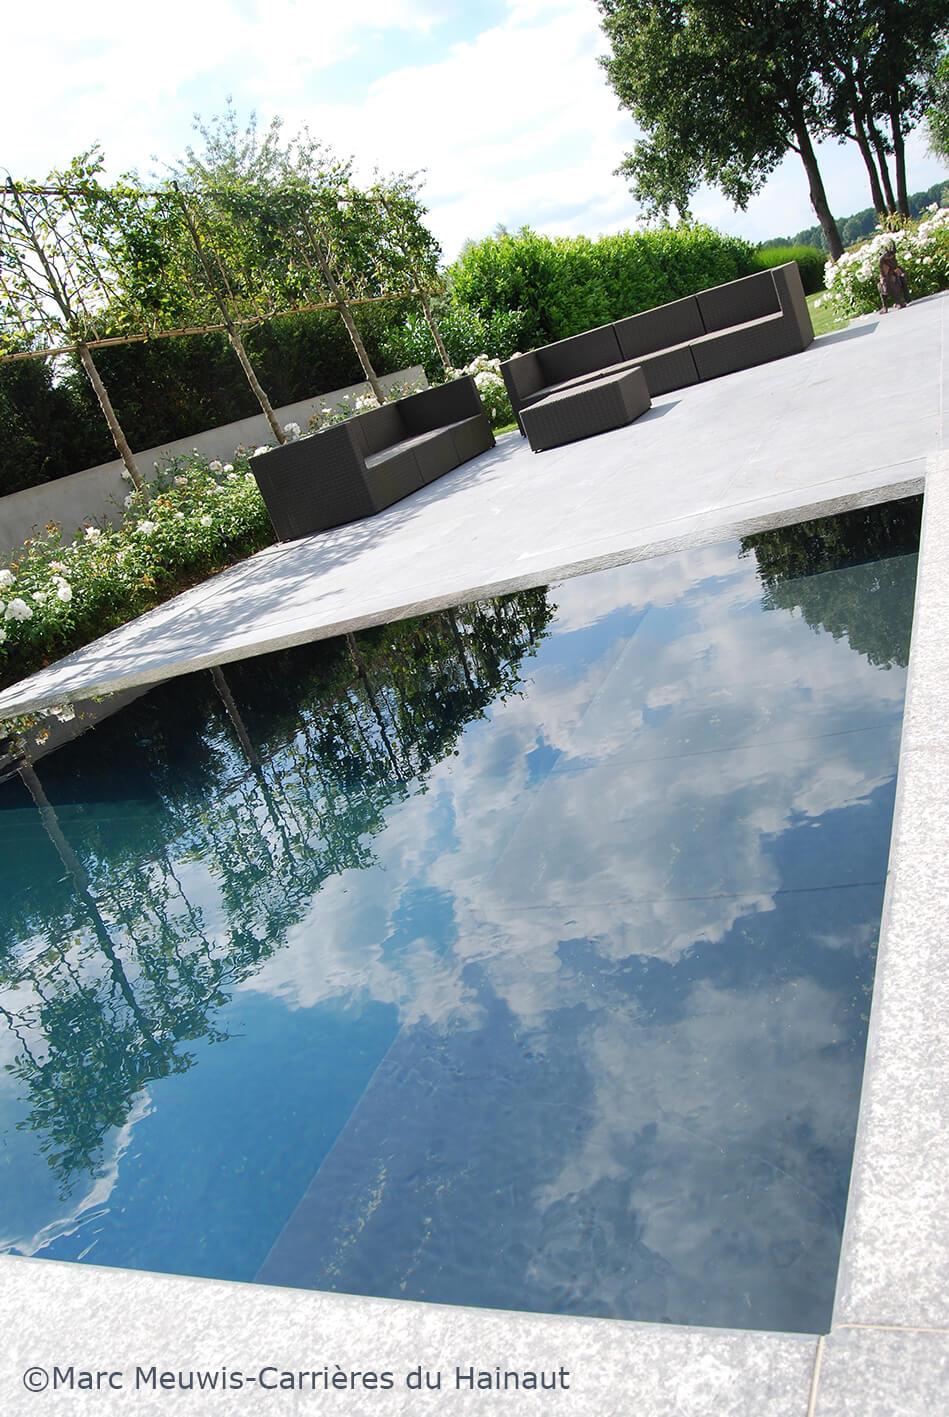 Terrasse et margelles de piscine en pierre bleue flammée